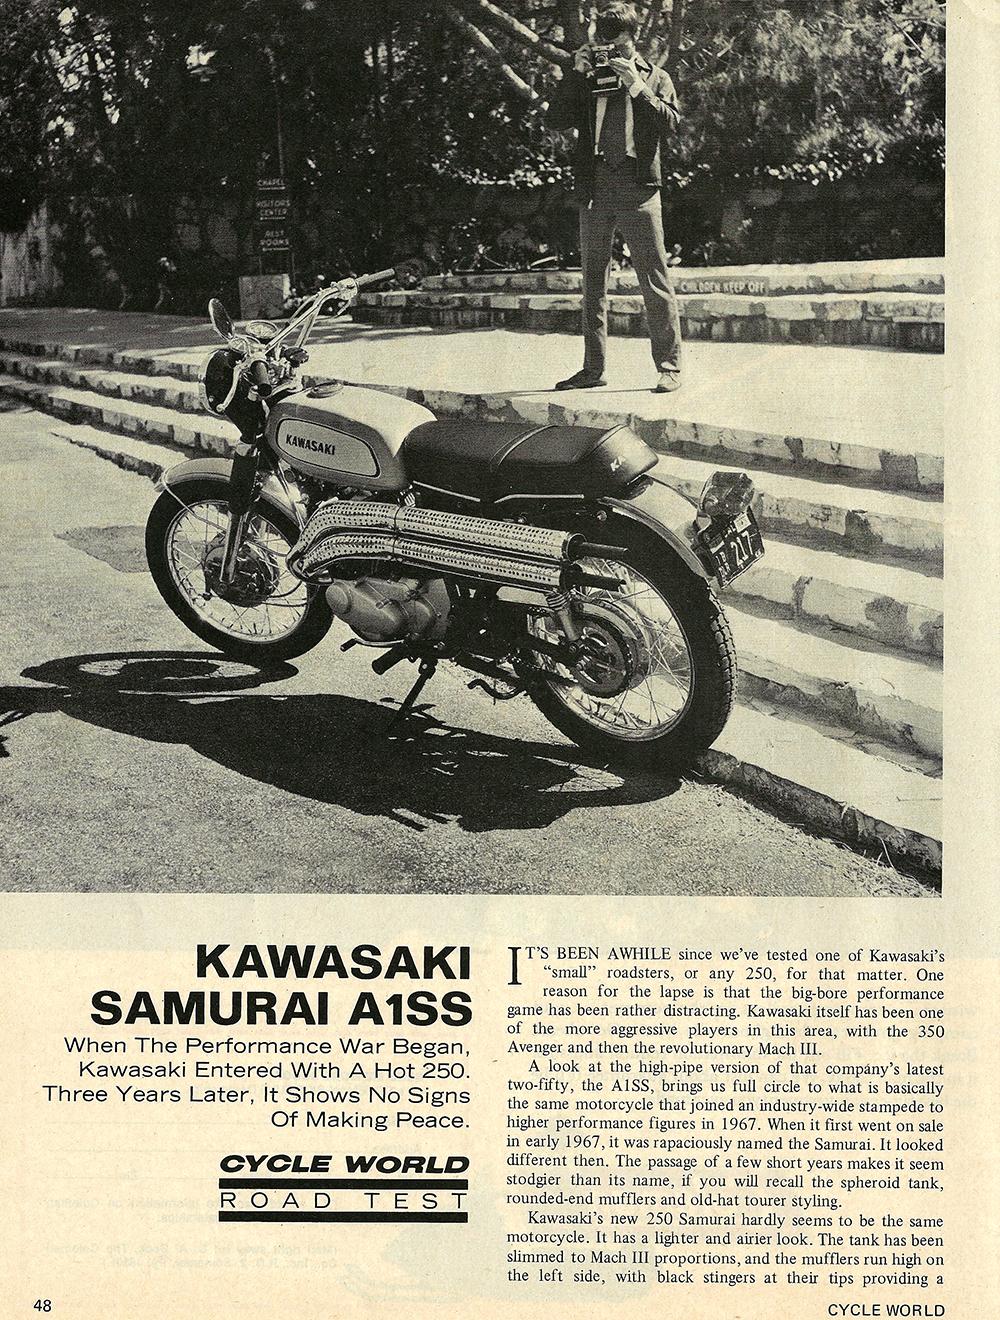 1970 Kawasaki Samurai A1SS road test 01.jpg